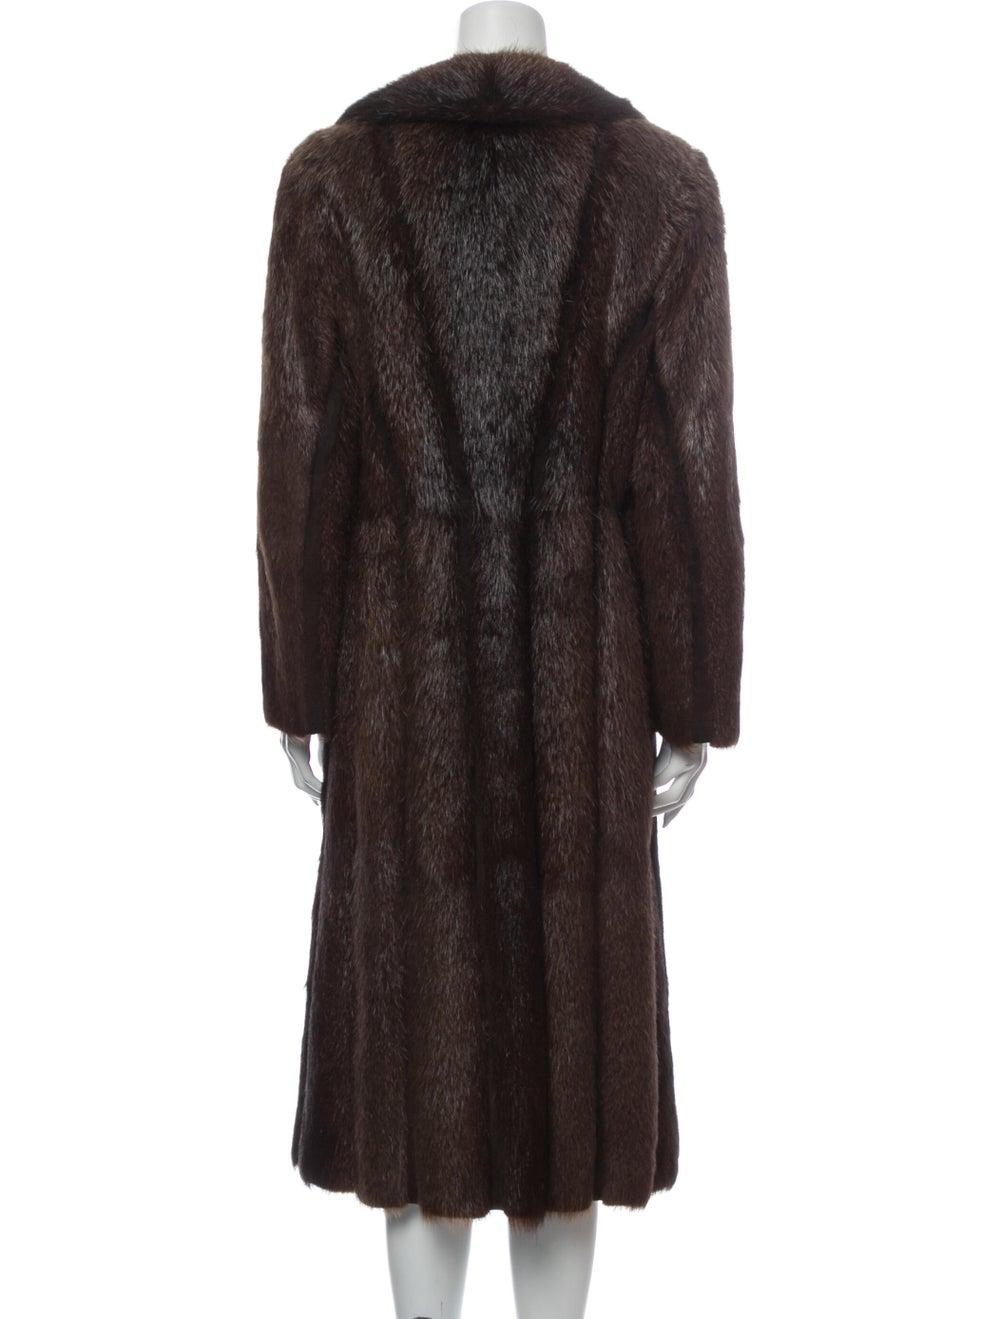 Fur Fur Coat Brown - image 3